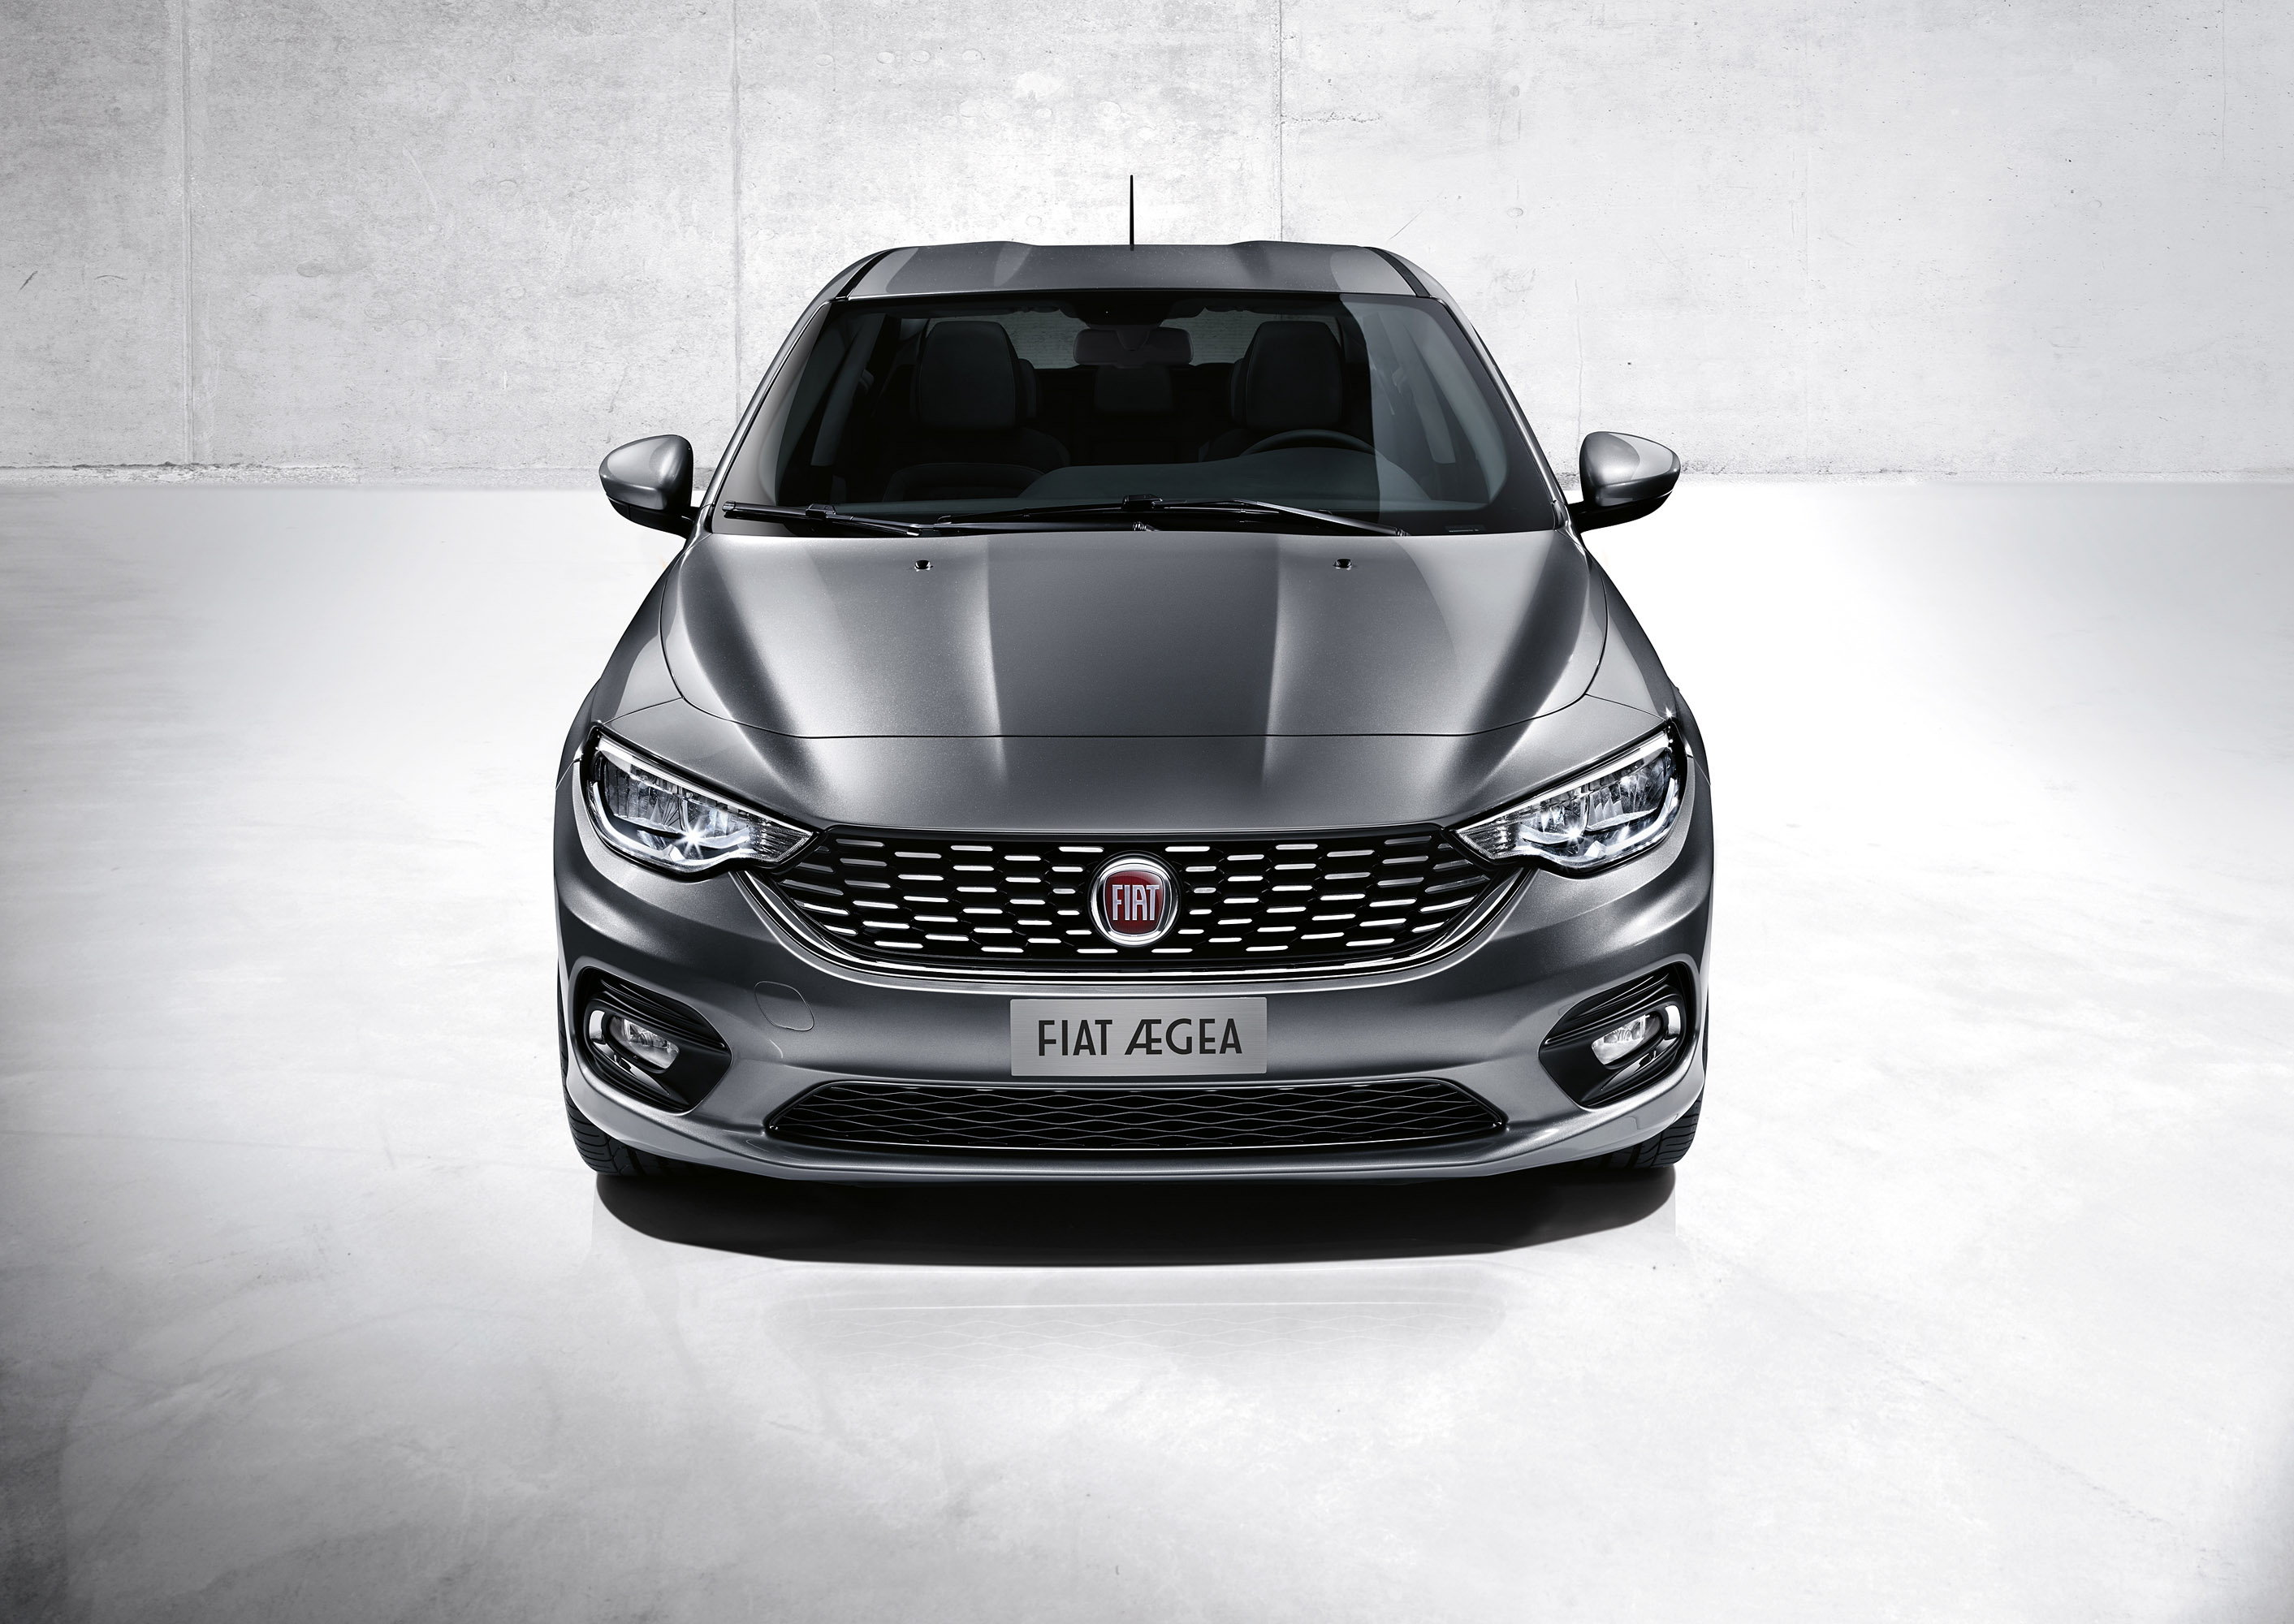 2016 Fiat Aegea - HD Pictures @ carsinvasion.com